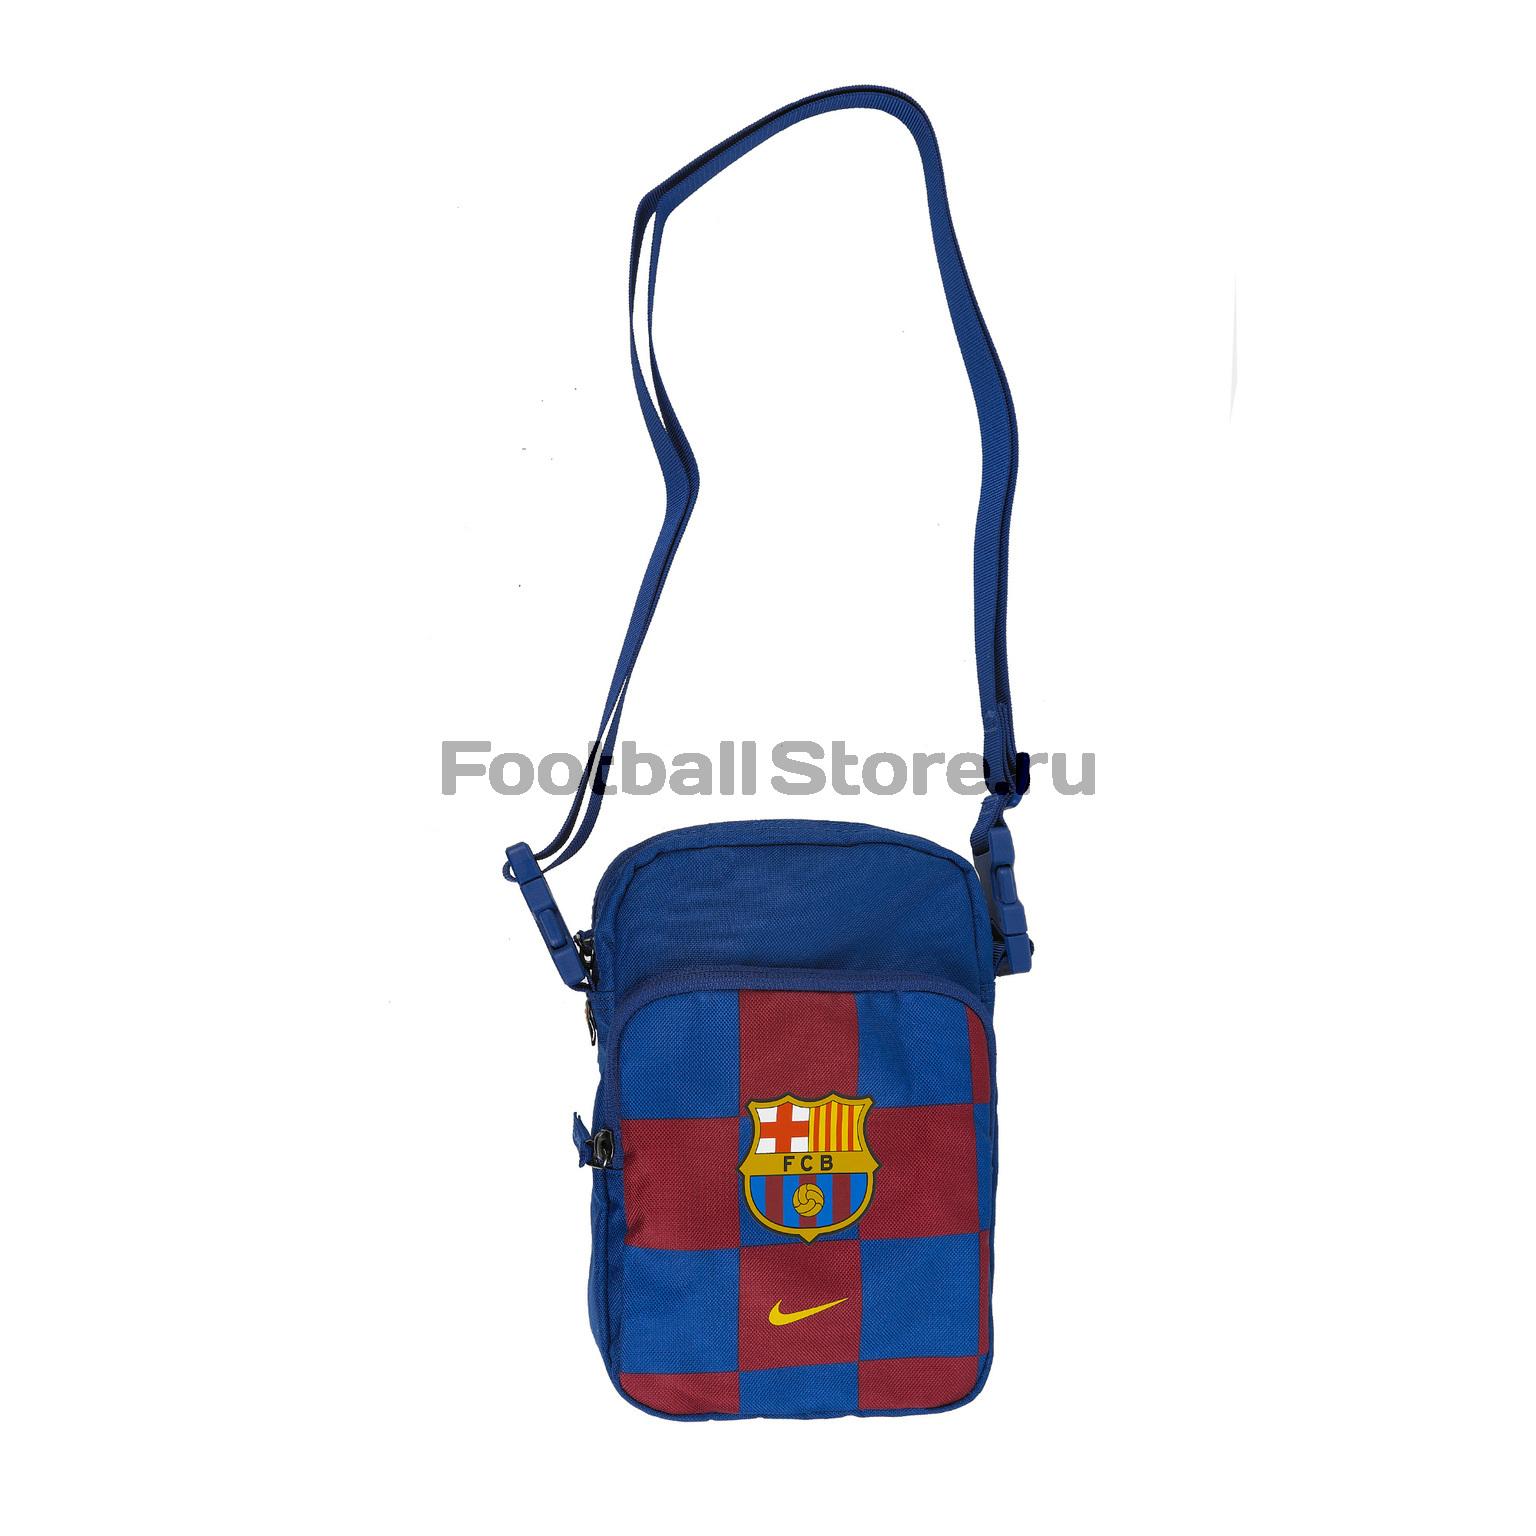 купить Сумка на ремне Nike Barcelona BA5943-455 дешево